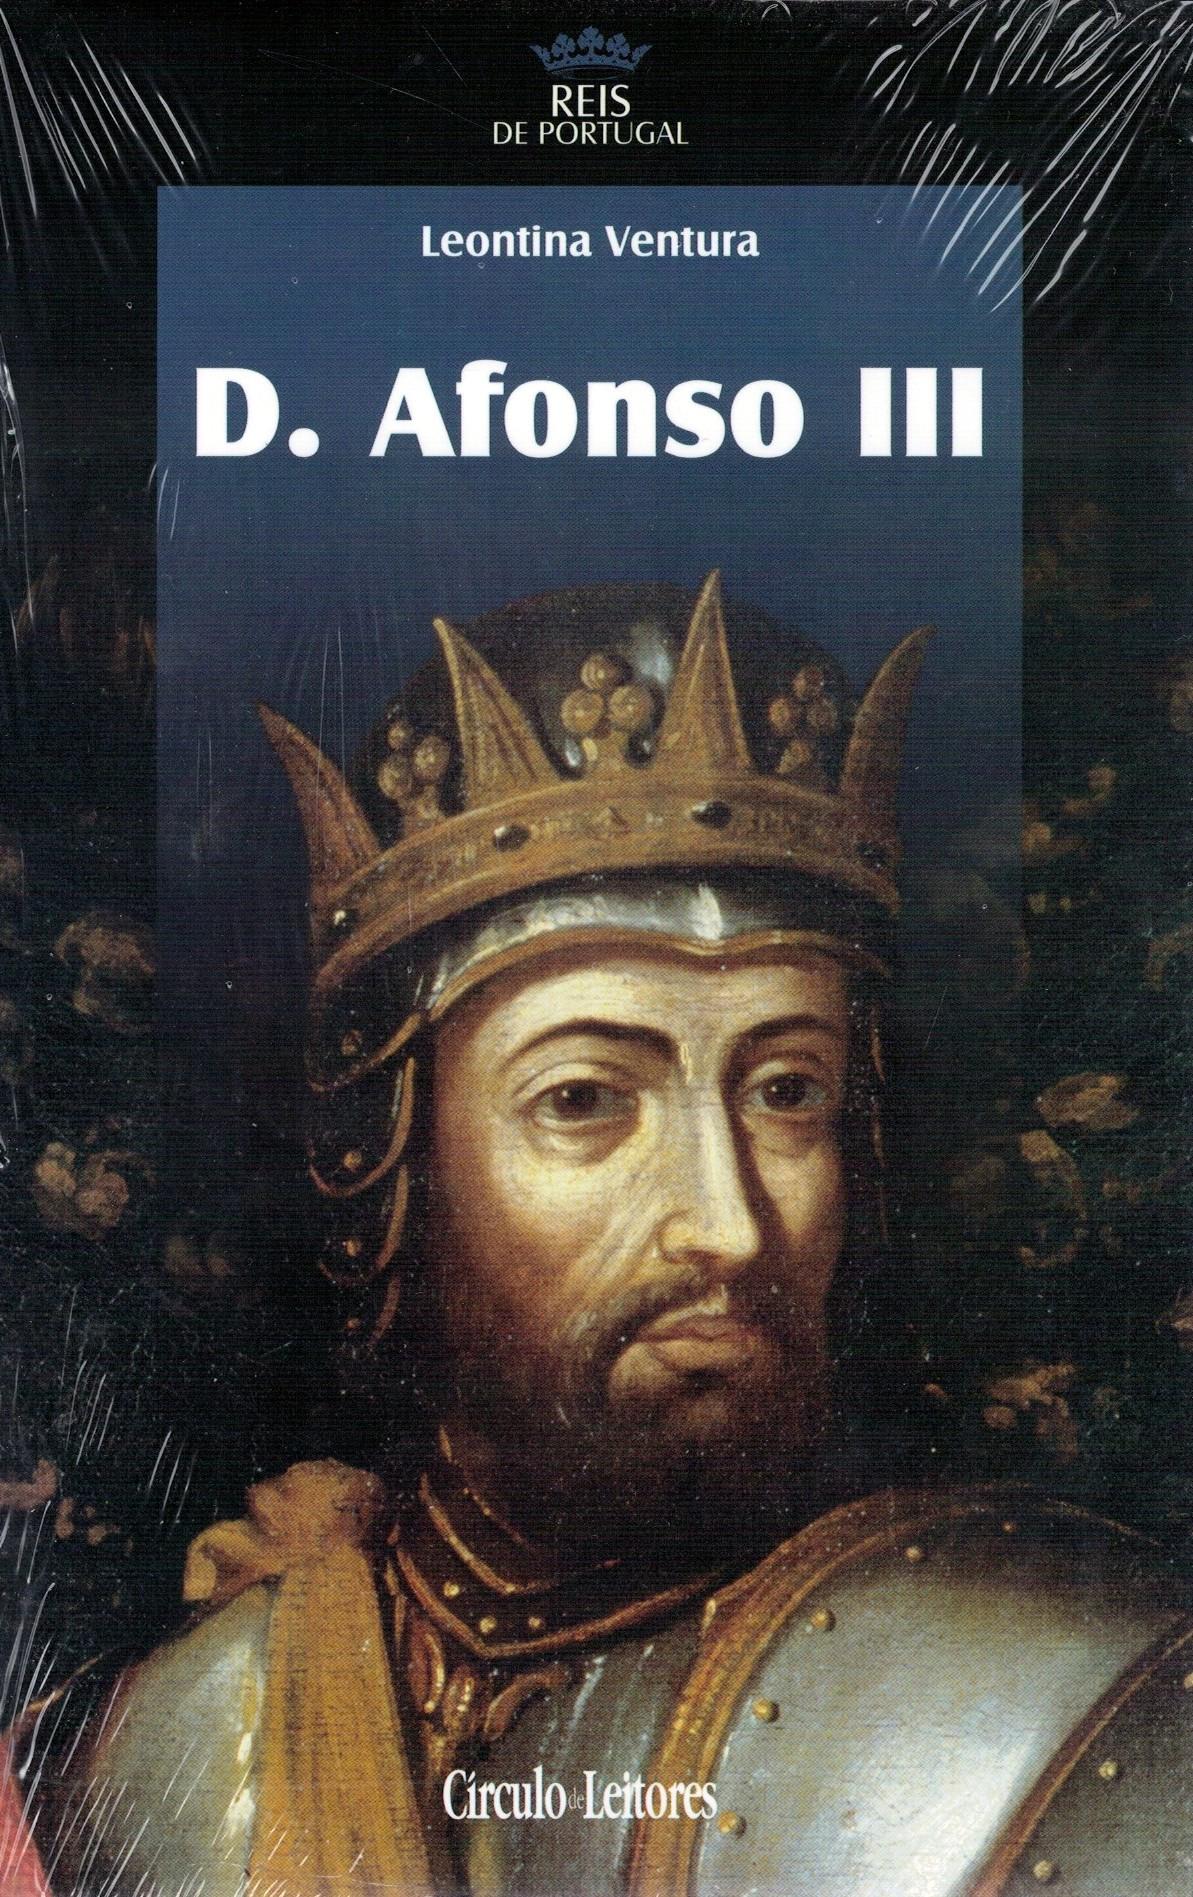 D. Afonso III de Leontina Ventura